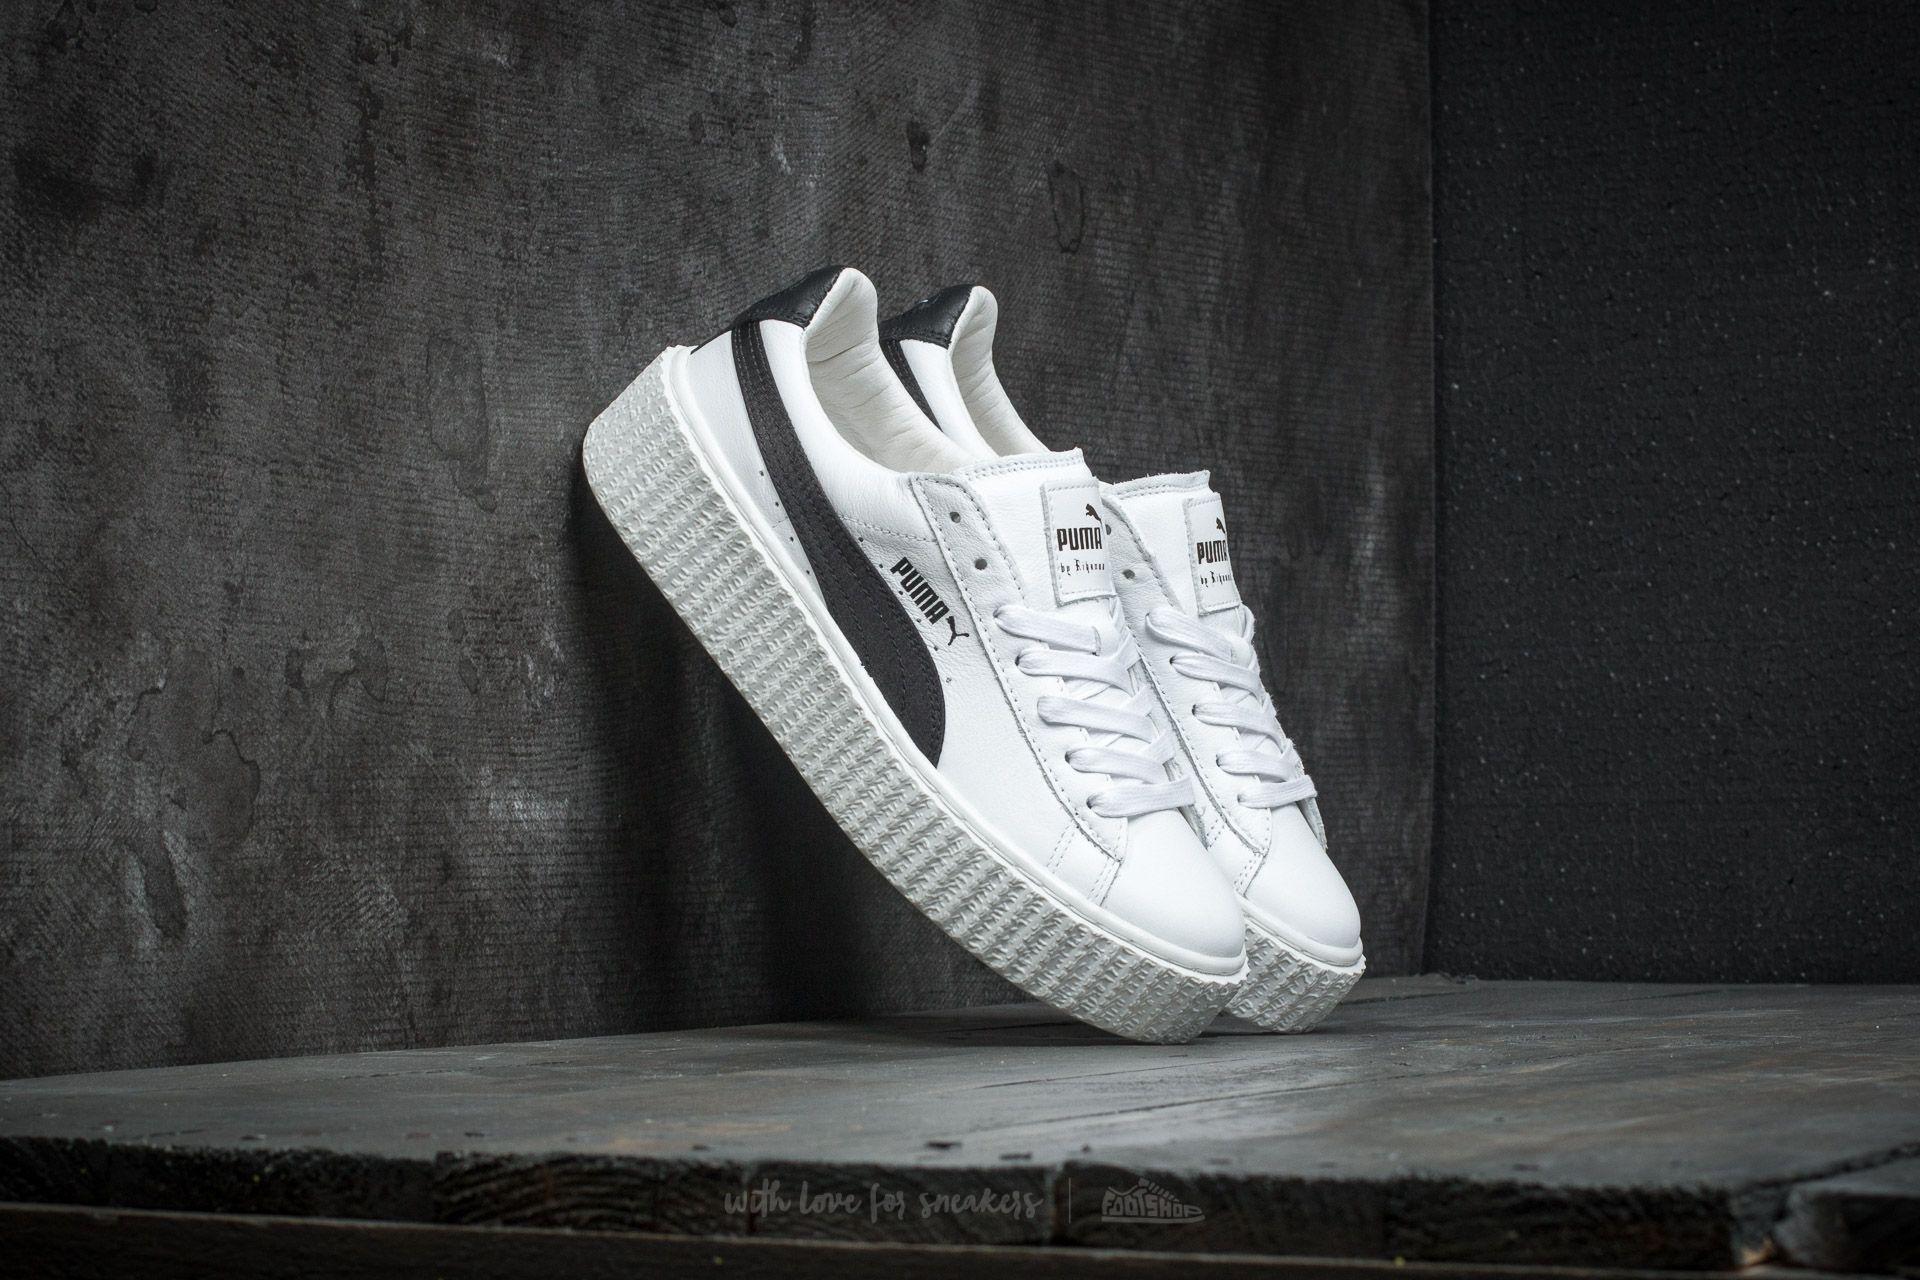 shoes Puma x Rihanna Creepers White